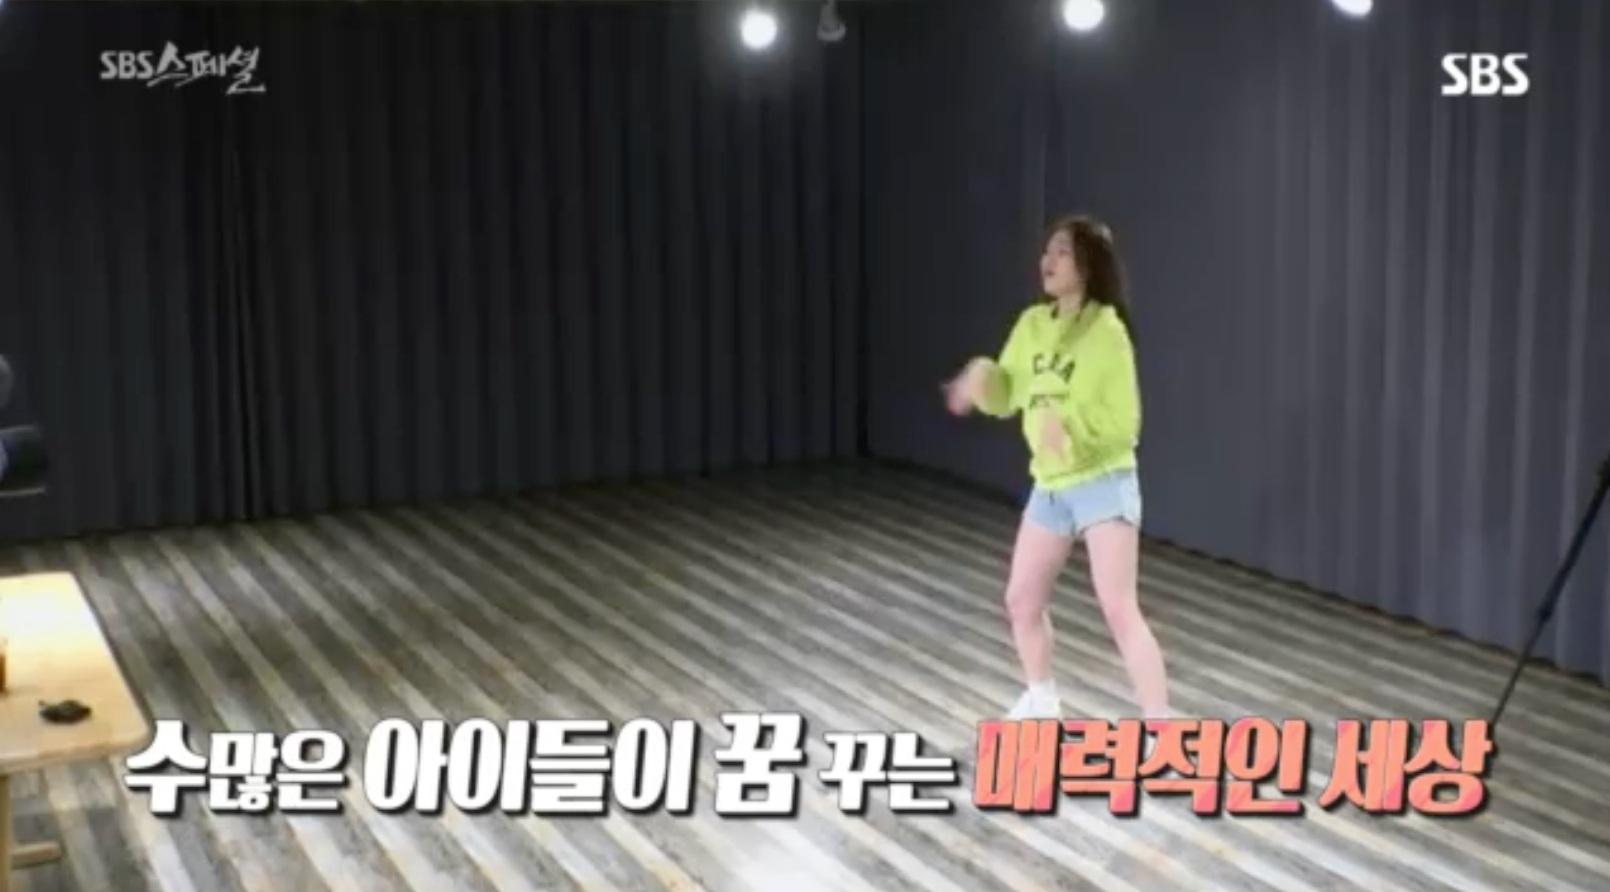 根據統計,在南韓,每年平均有一百組藝人出道,在競爭激烈的娛樂圈裡,真正能發光發熱的又有幾個呢?